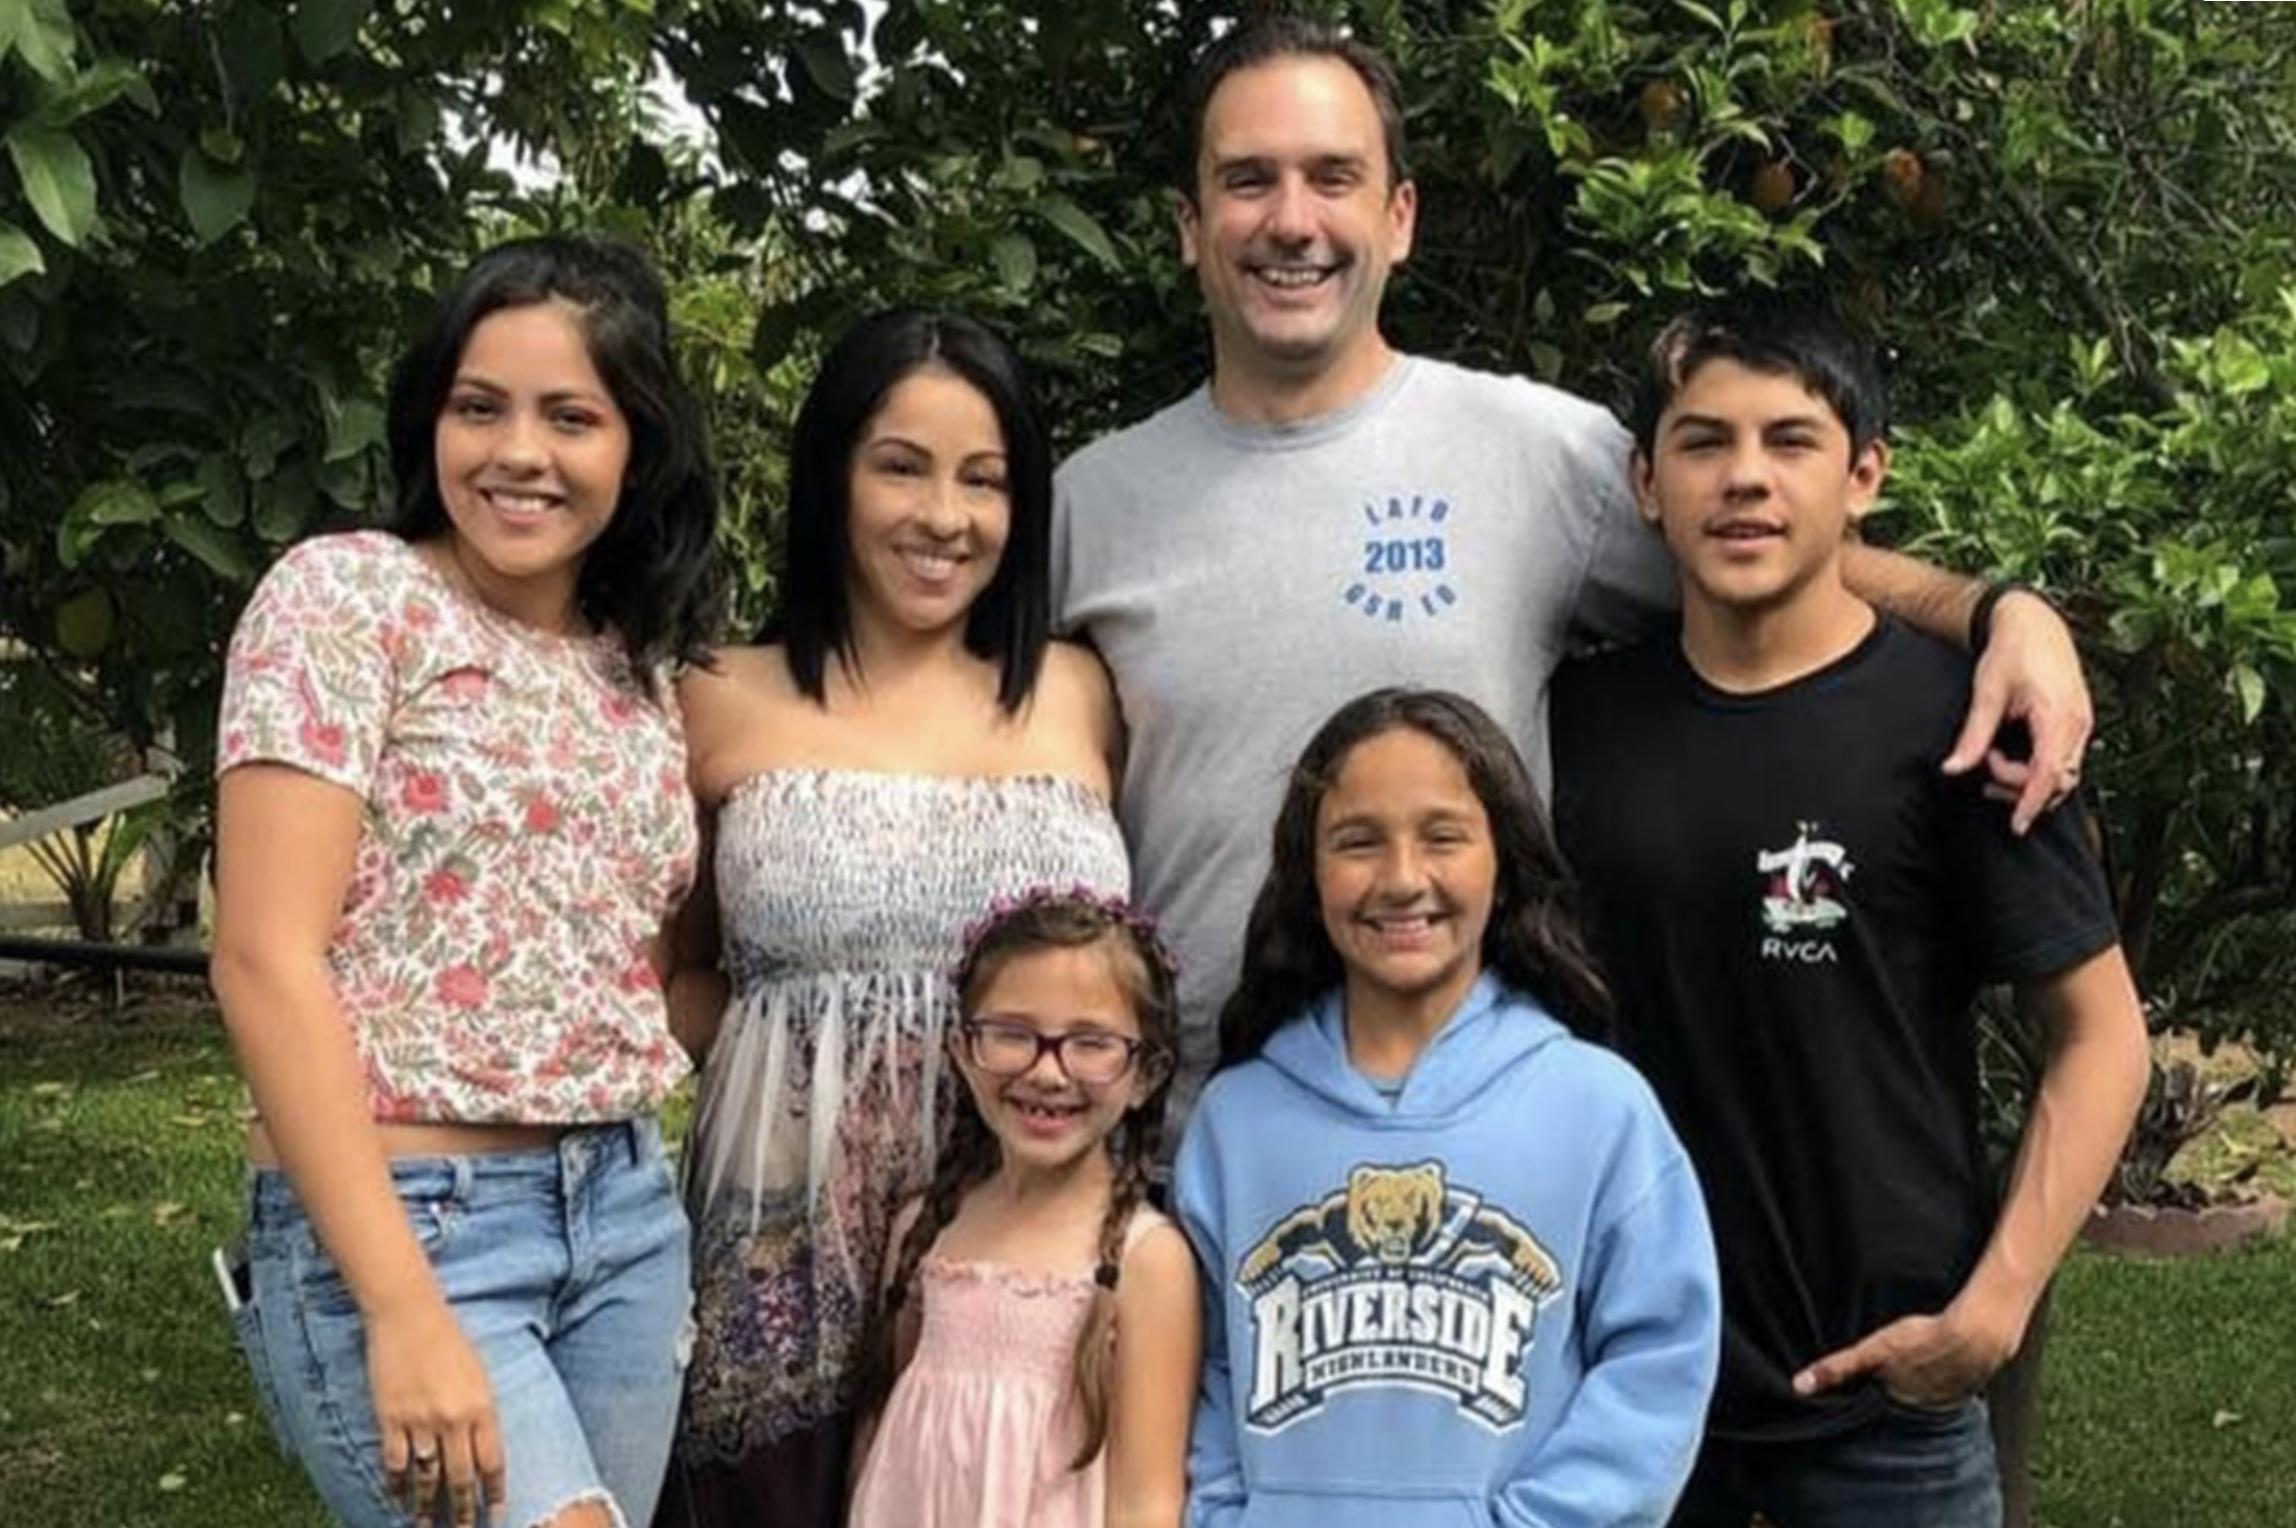 เดวิสเป็นแม่ของลูกสี่คนและเป็นภรรยาของแพทย์